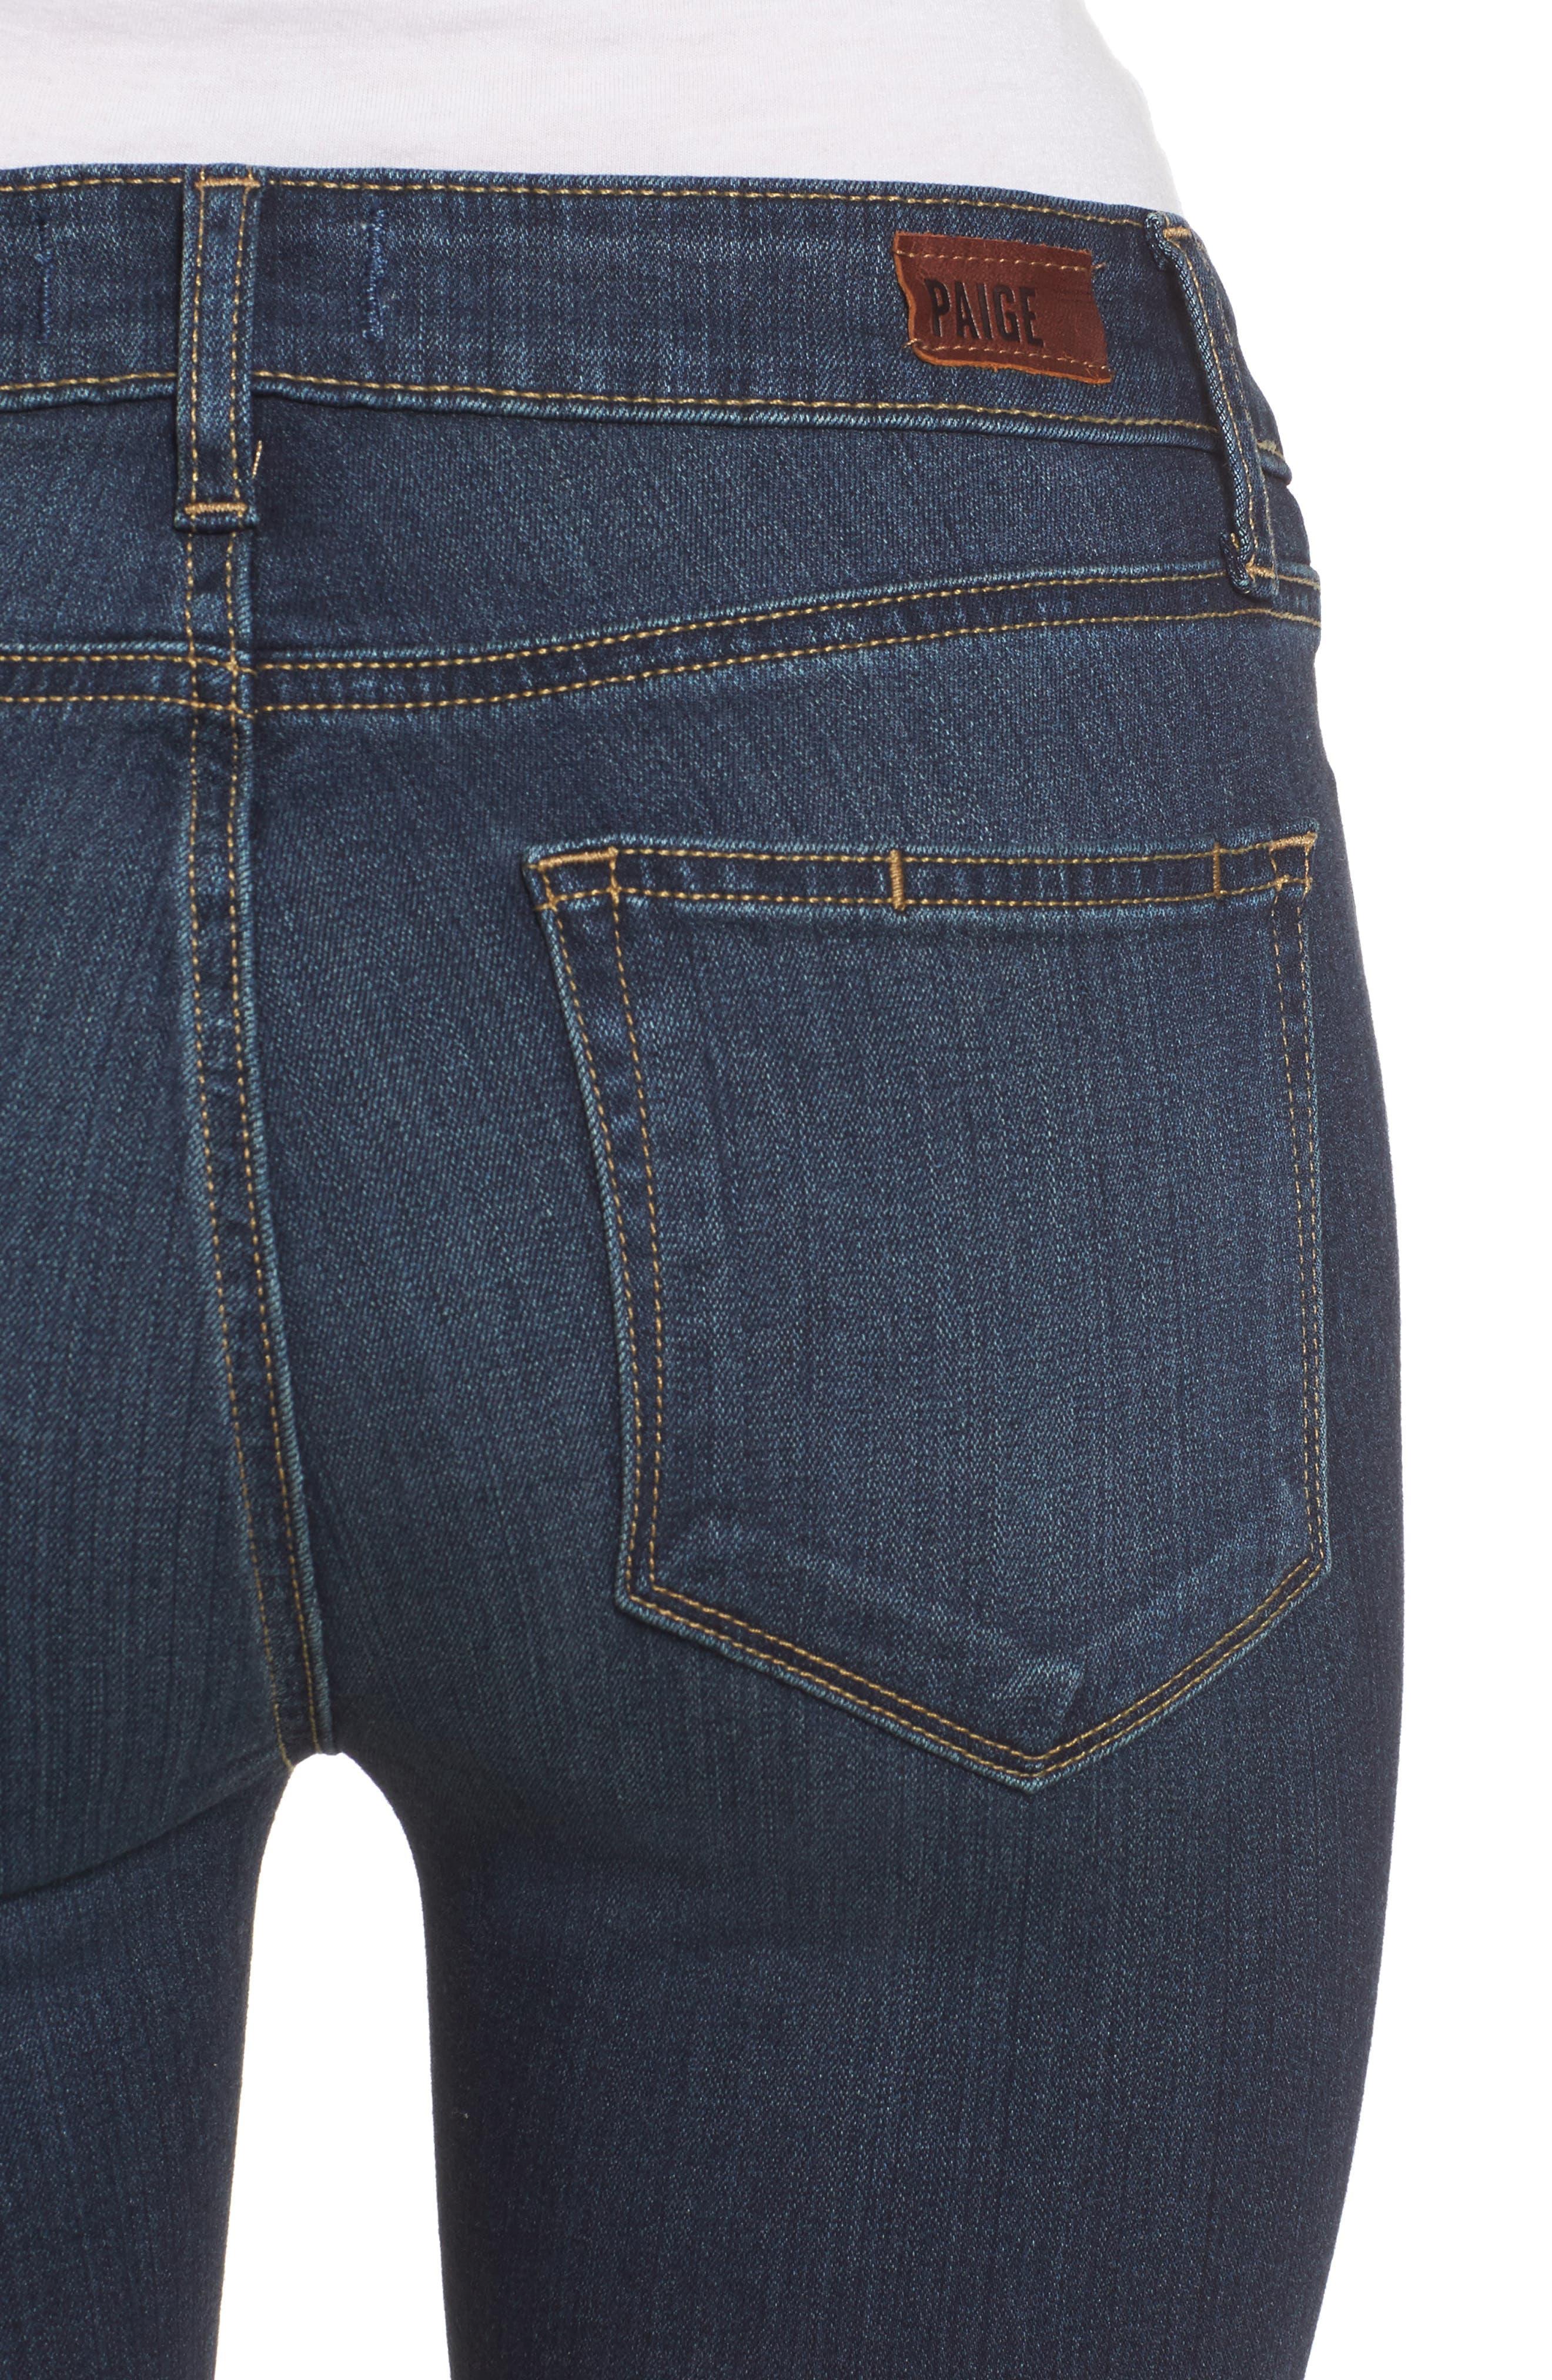 PAIGE, Transcend - Manhattan Bootcut Jeans, Alternate thumbnail 5, color, NOTTINGHAM